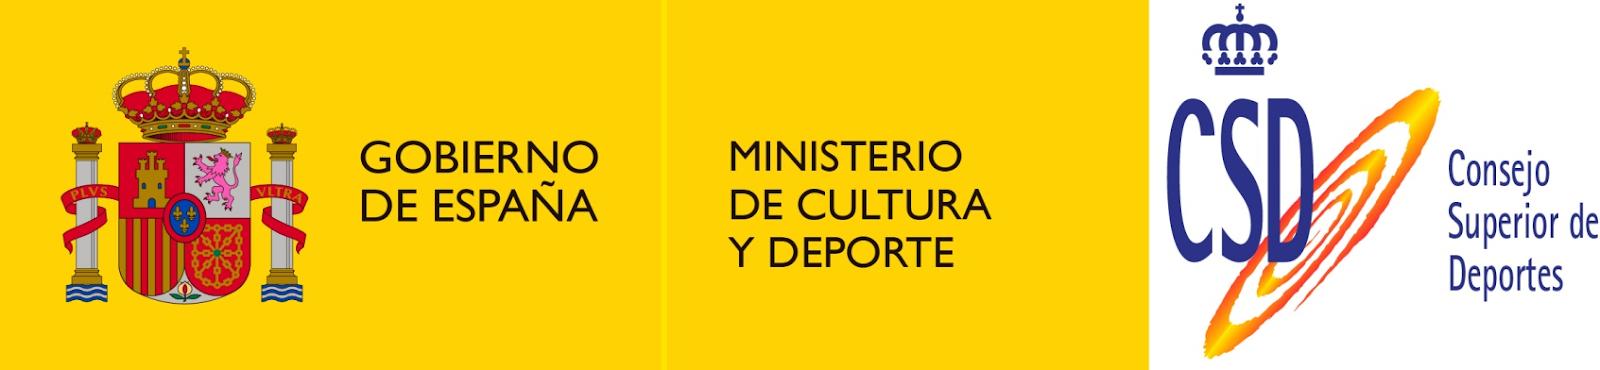 EL CSD CONVOCA AYUDAS A DEPORTISTAS DE ALTO NIVEL